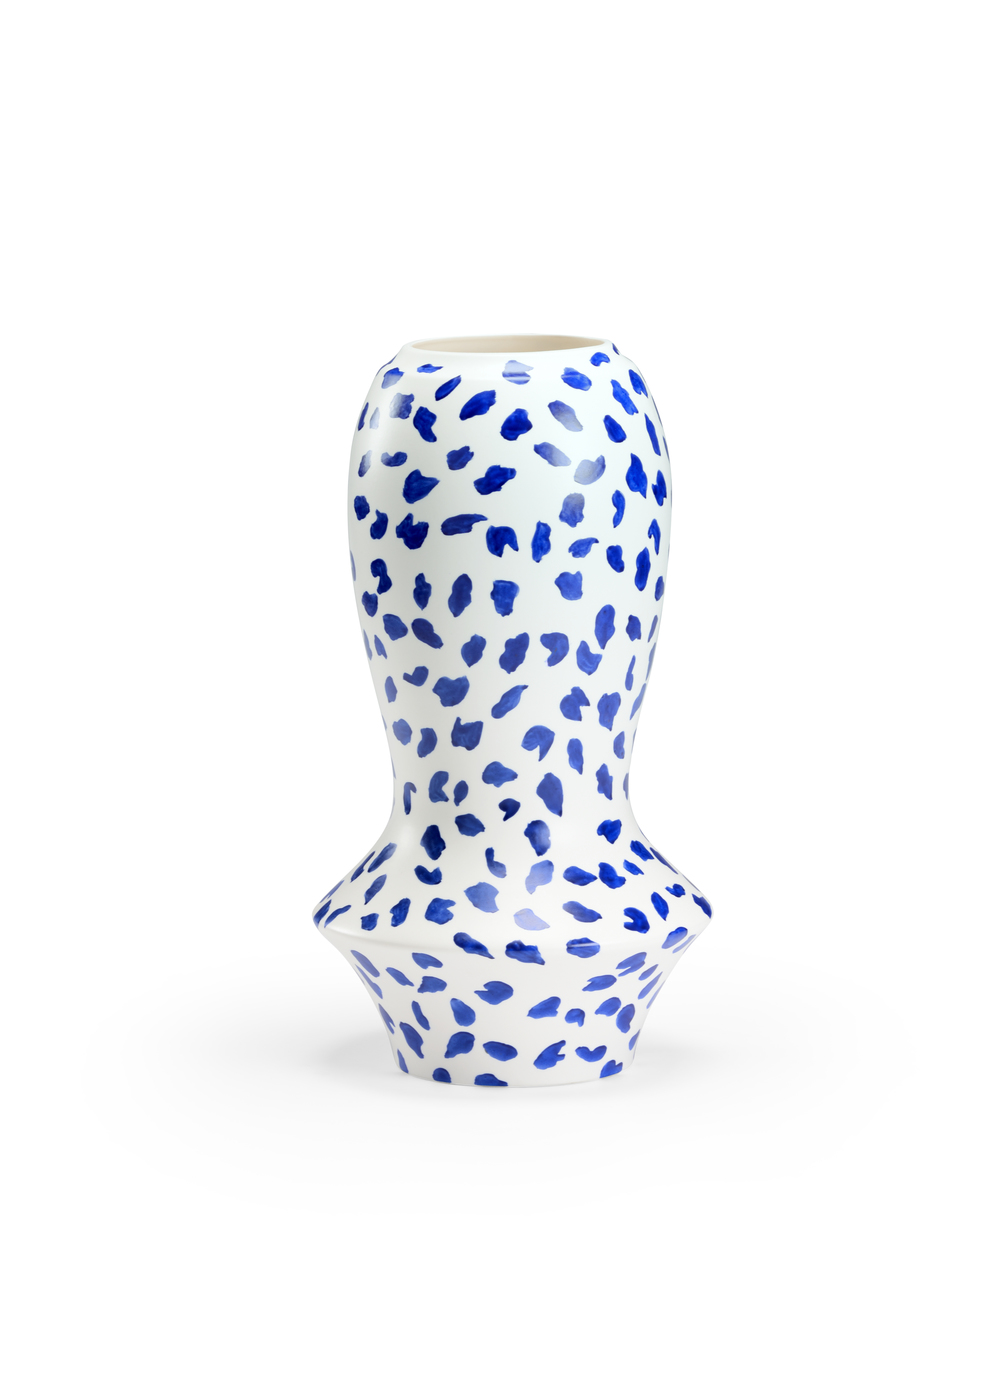 Chelsea House - Osaka Vase